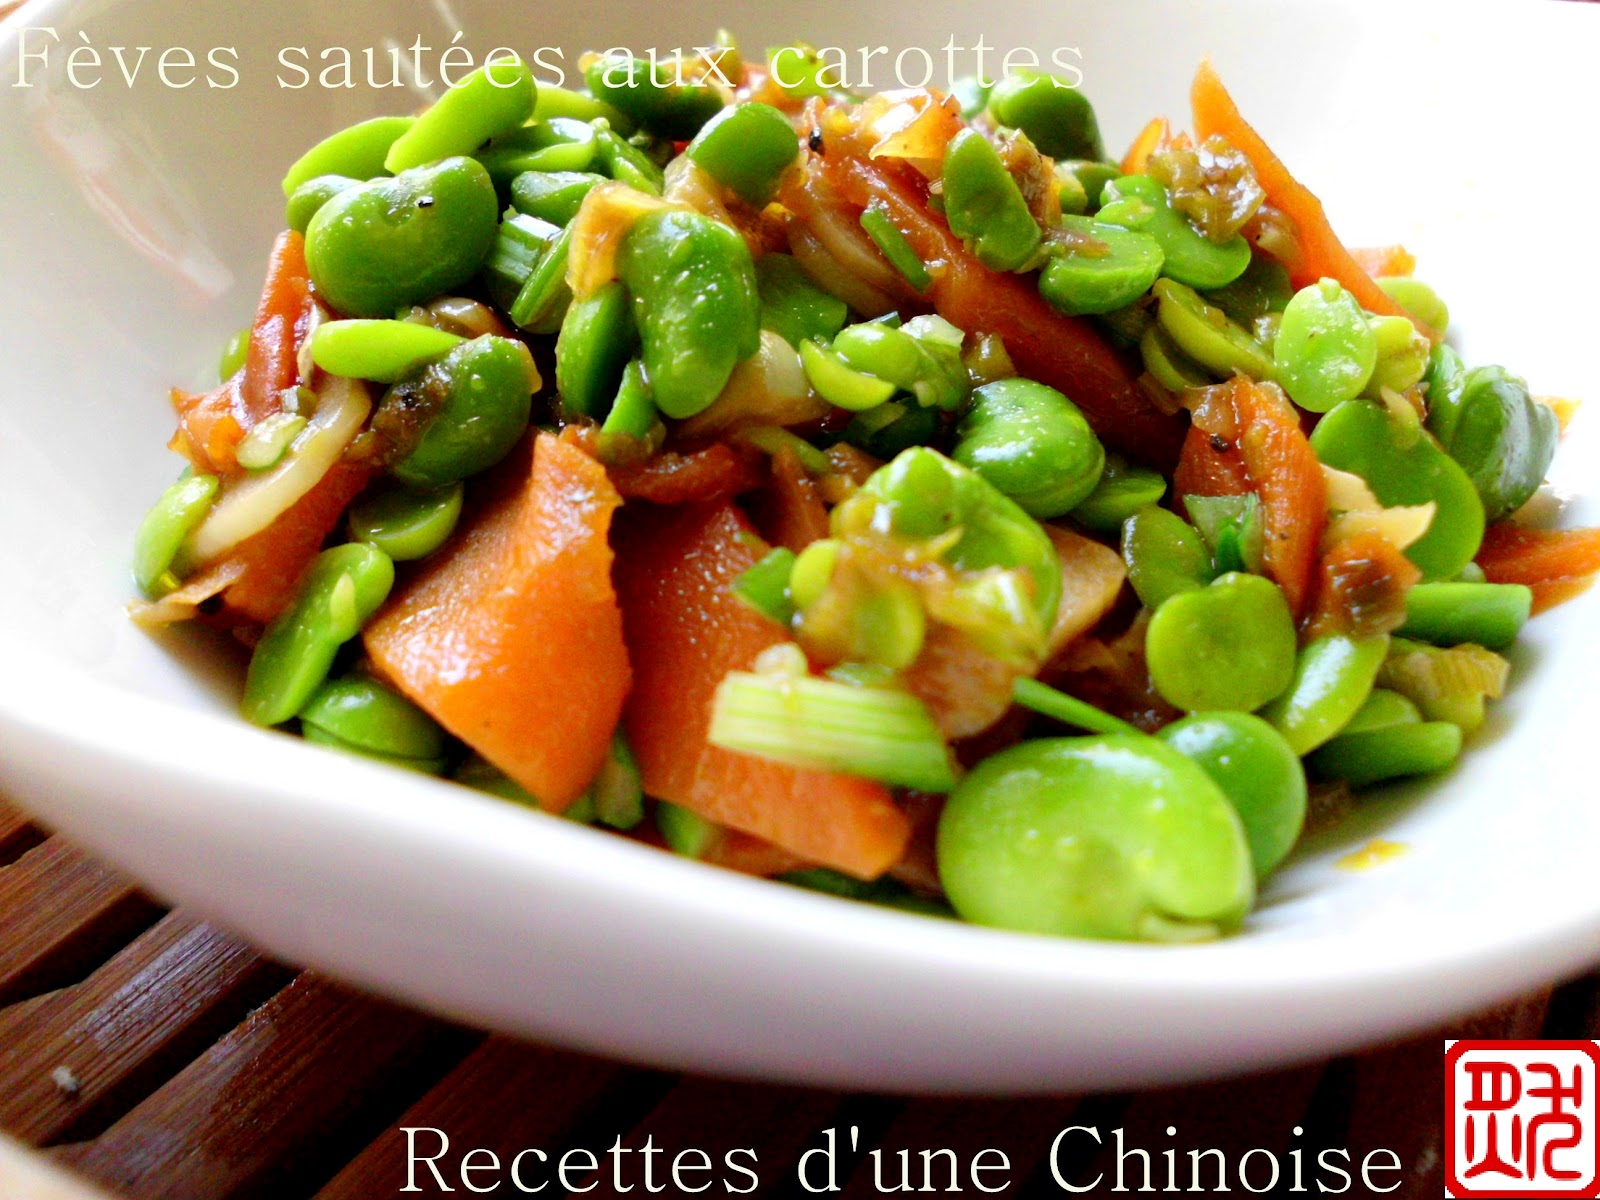 recettes d'une chinoise: fèves fraîches sautées aux carottes